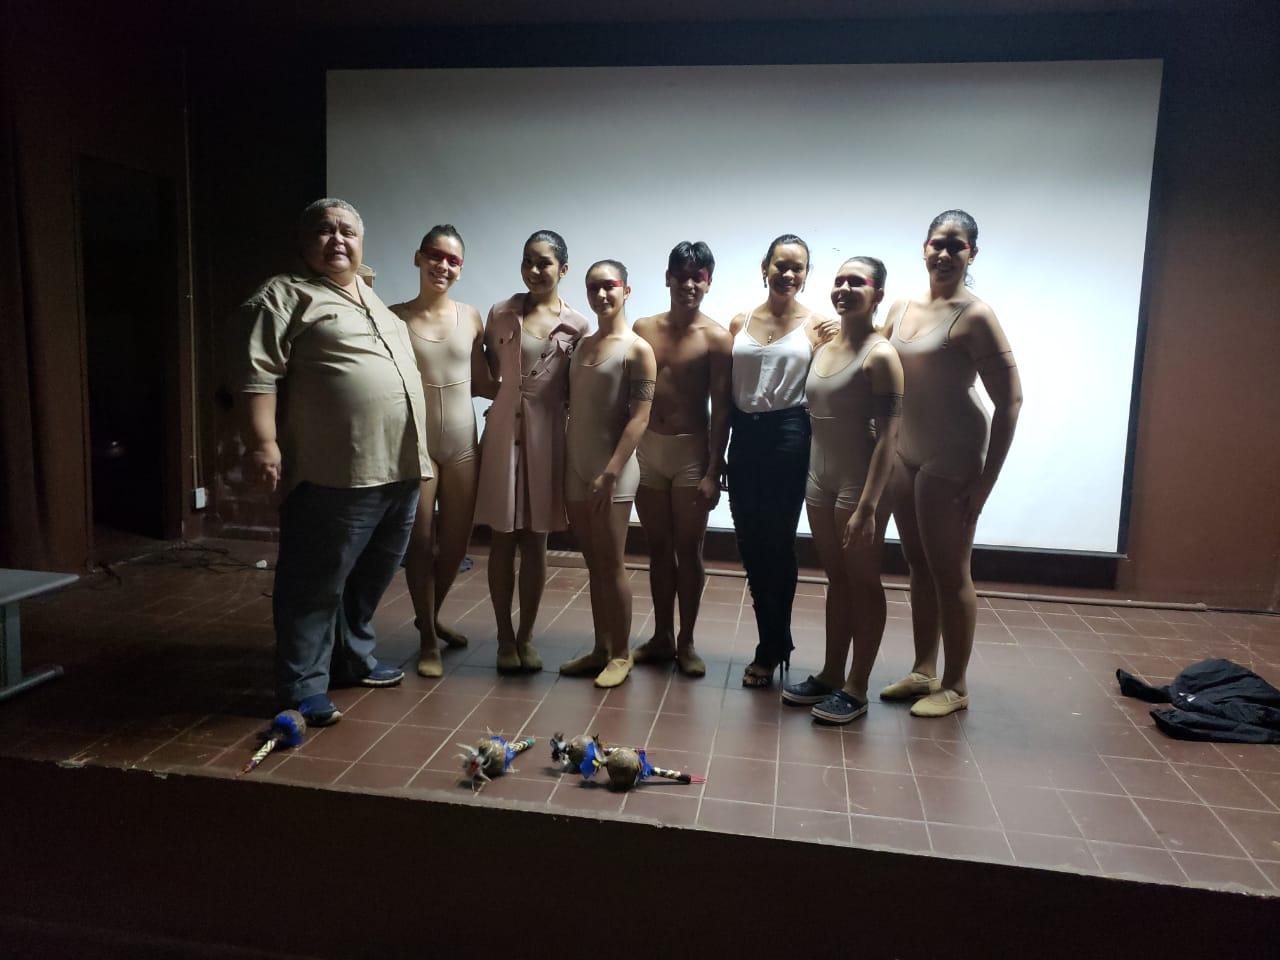 2fc12187d8d Grupos de Rondônia No Palco Giratório - Por Zekatraca - Silvio ...